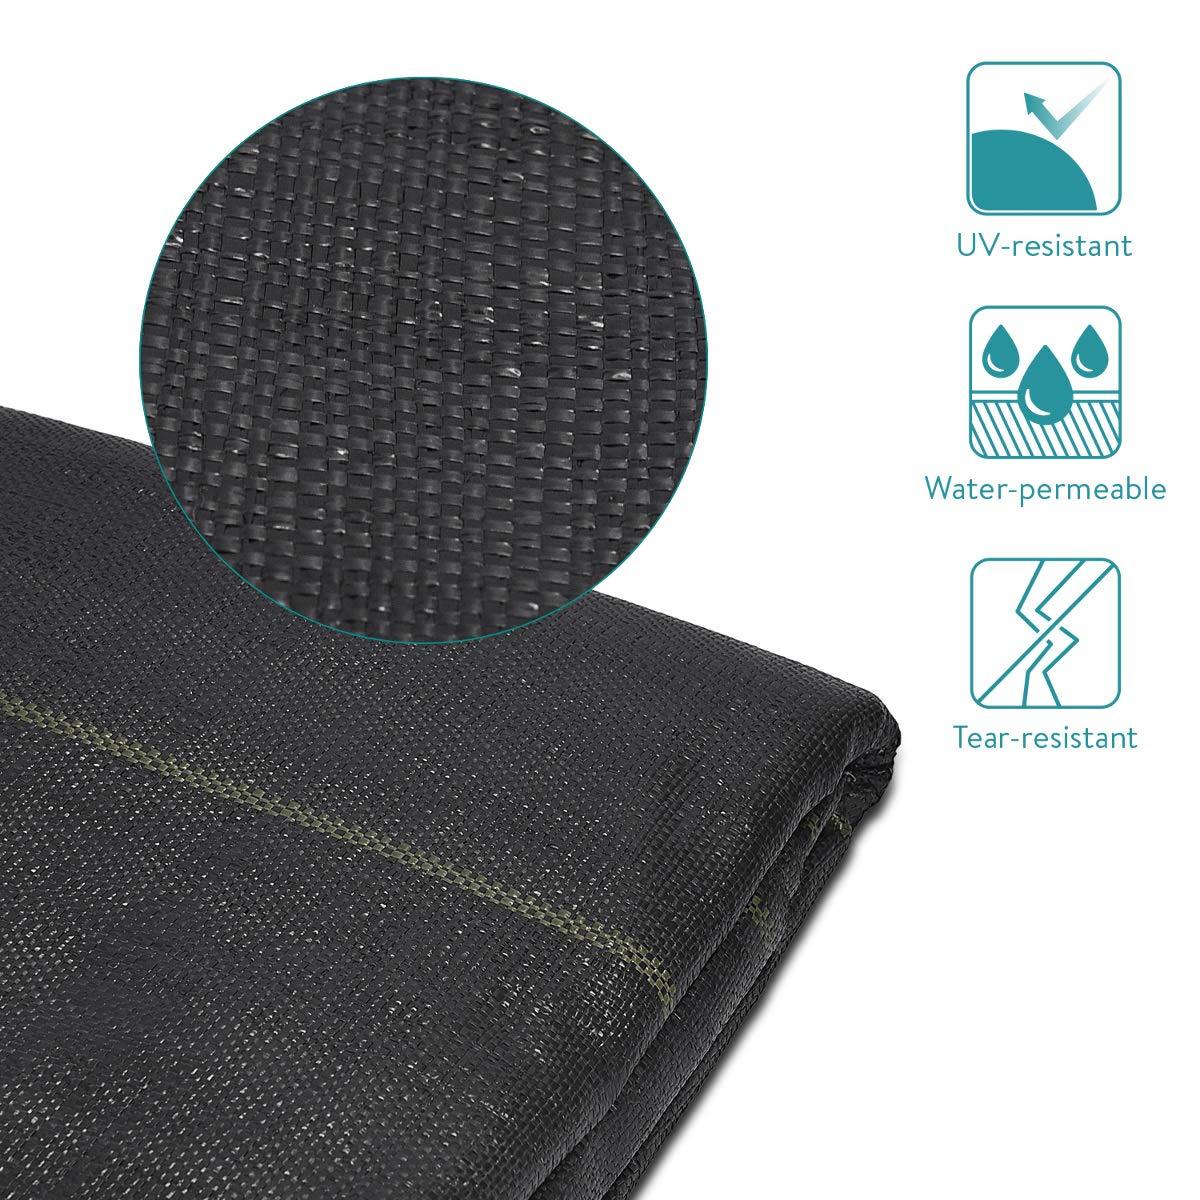 Tama/ño S 2x5M Navaris Malla antihierbas de 10M/² Tela de jardiner/ía con protecci/ón UV para Las Malas Hierbas Resistente a roturas